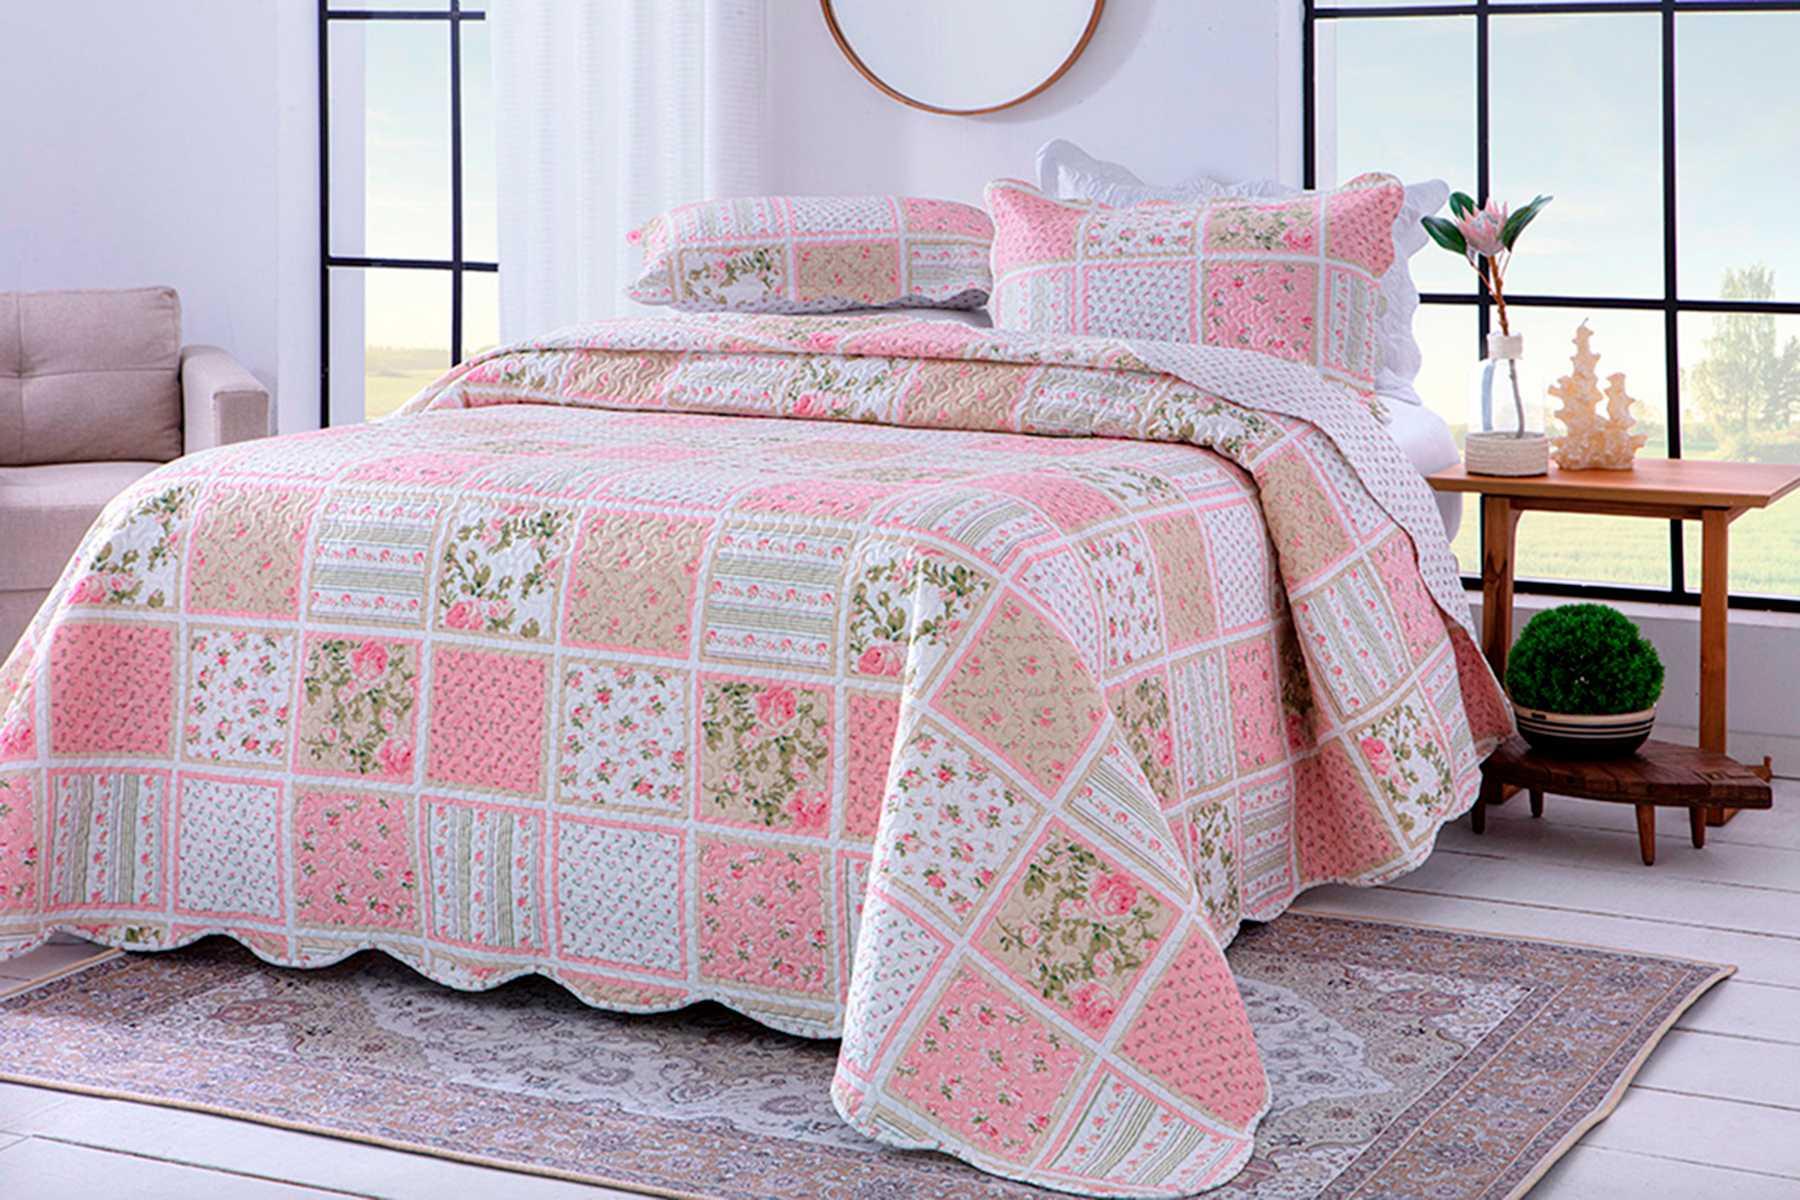 Colcha Paris Color Art Solteiro/ Florido Rosa